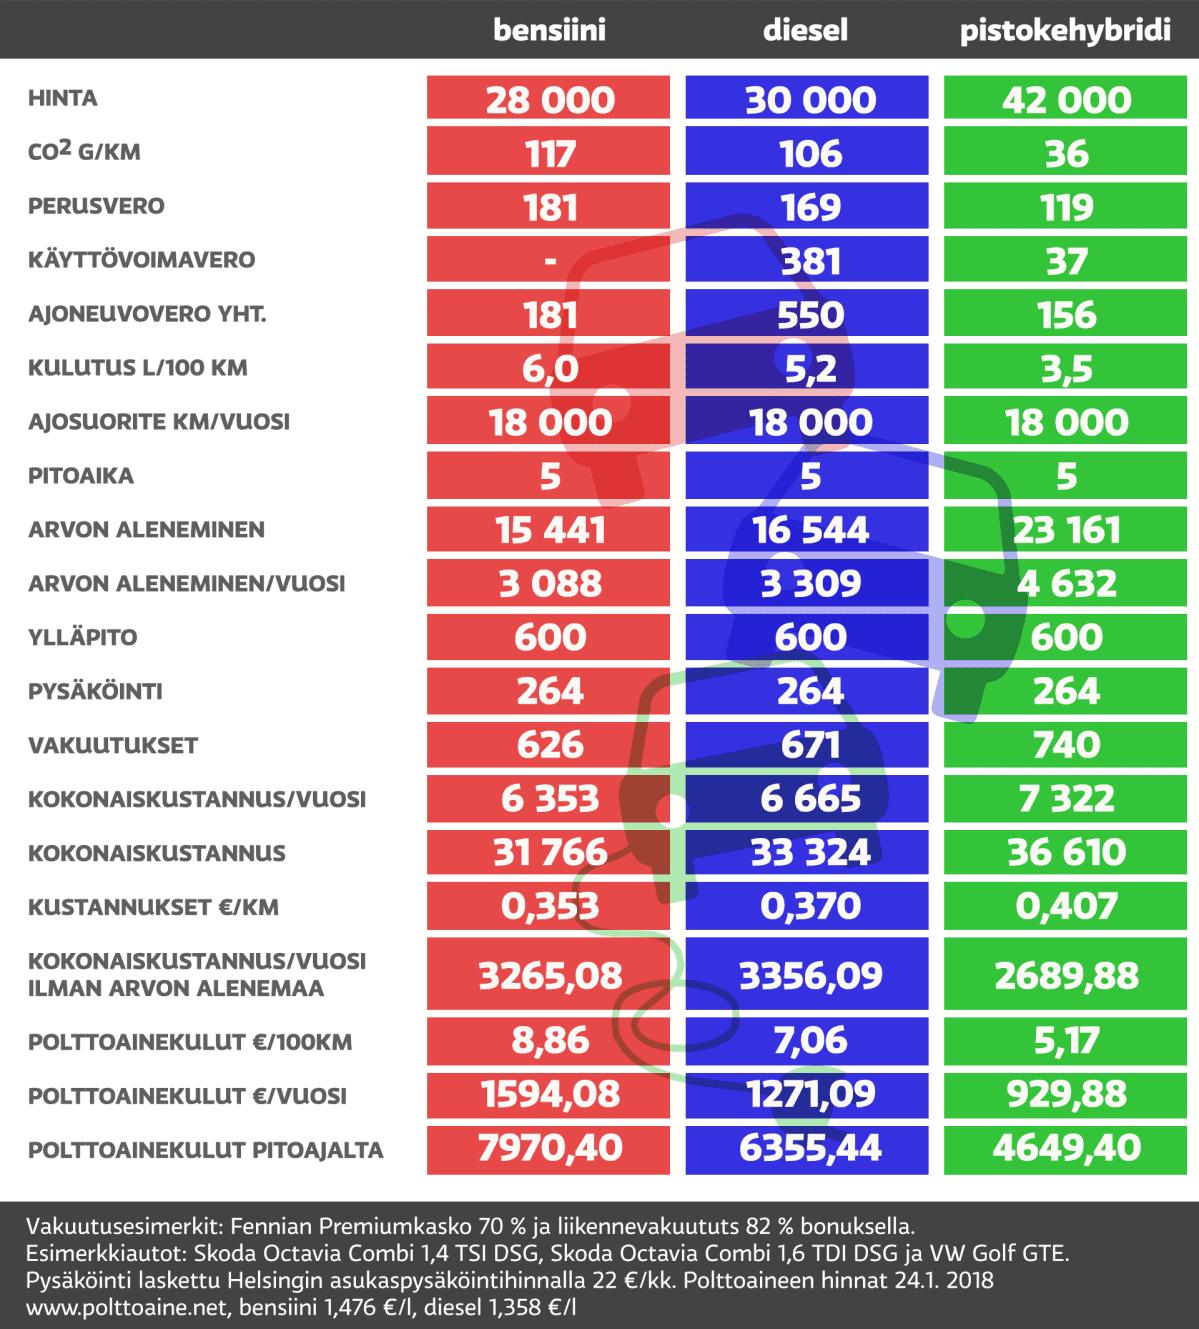 20000-30000 maksavan auton kustannukset.